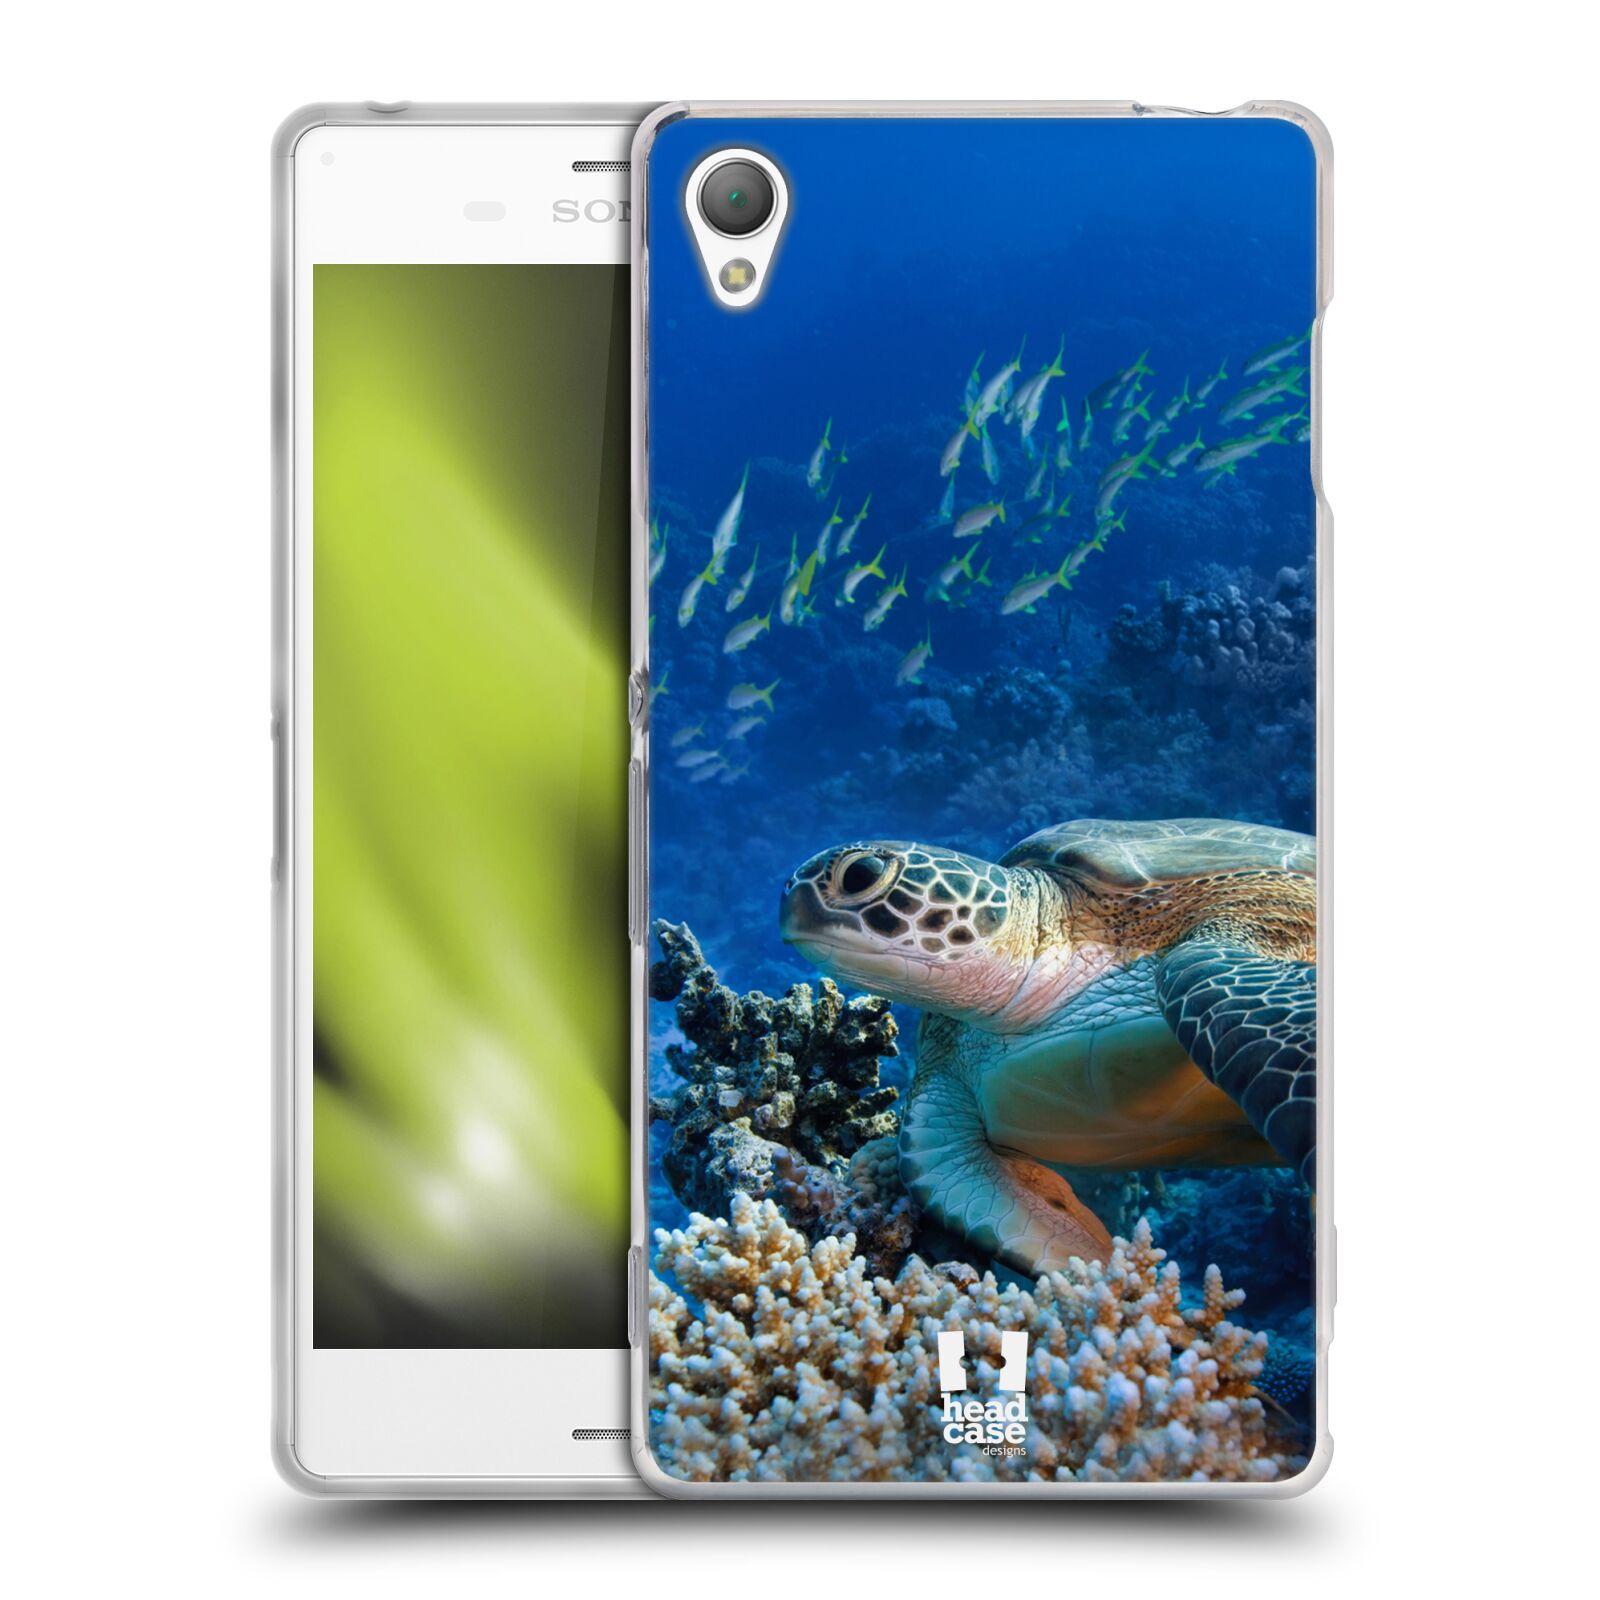 HEAD CASE silikonový obal na mobil Sony Xperia Z3 vzor Divočina, Divoký život a zvířata foto MOŘSKÁ ŽELVA MODRÁ PODMOŘSKÁ HLADINA